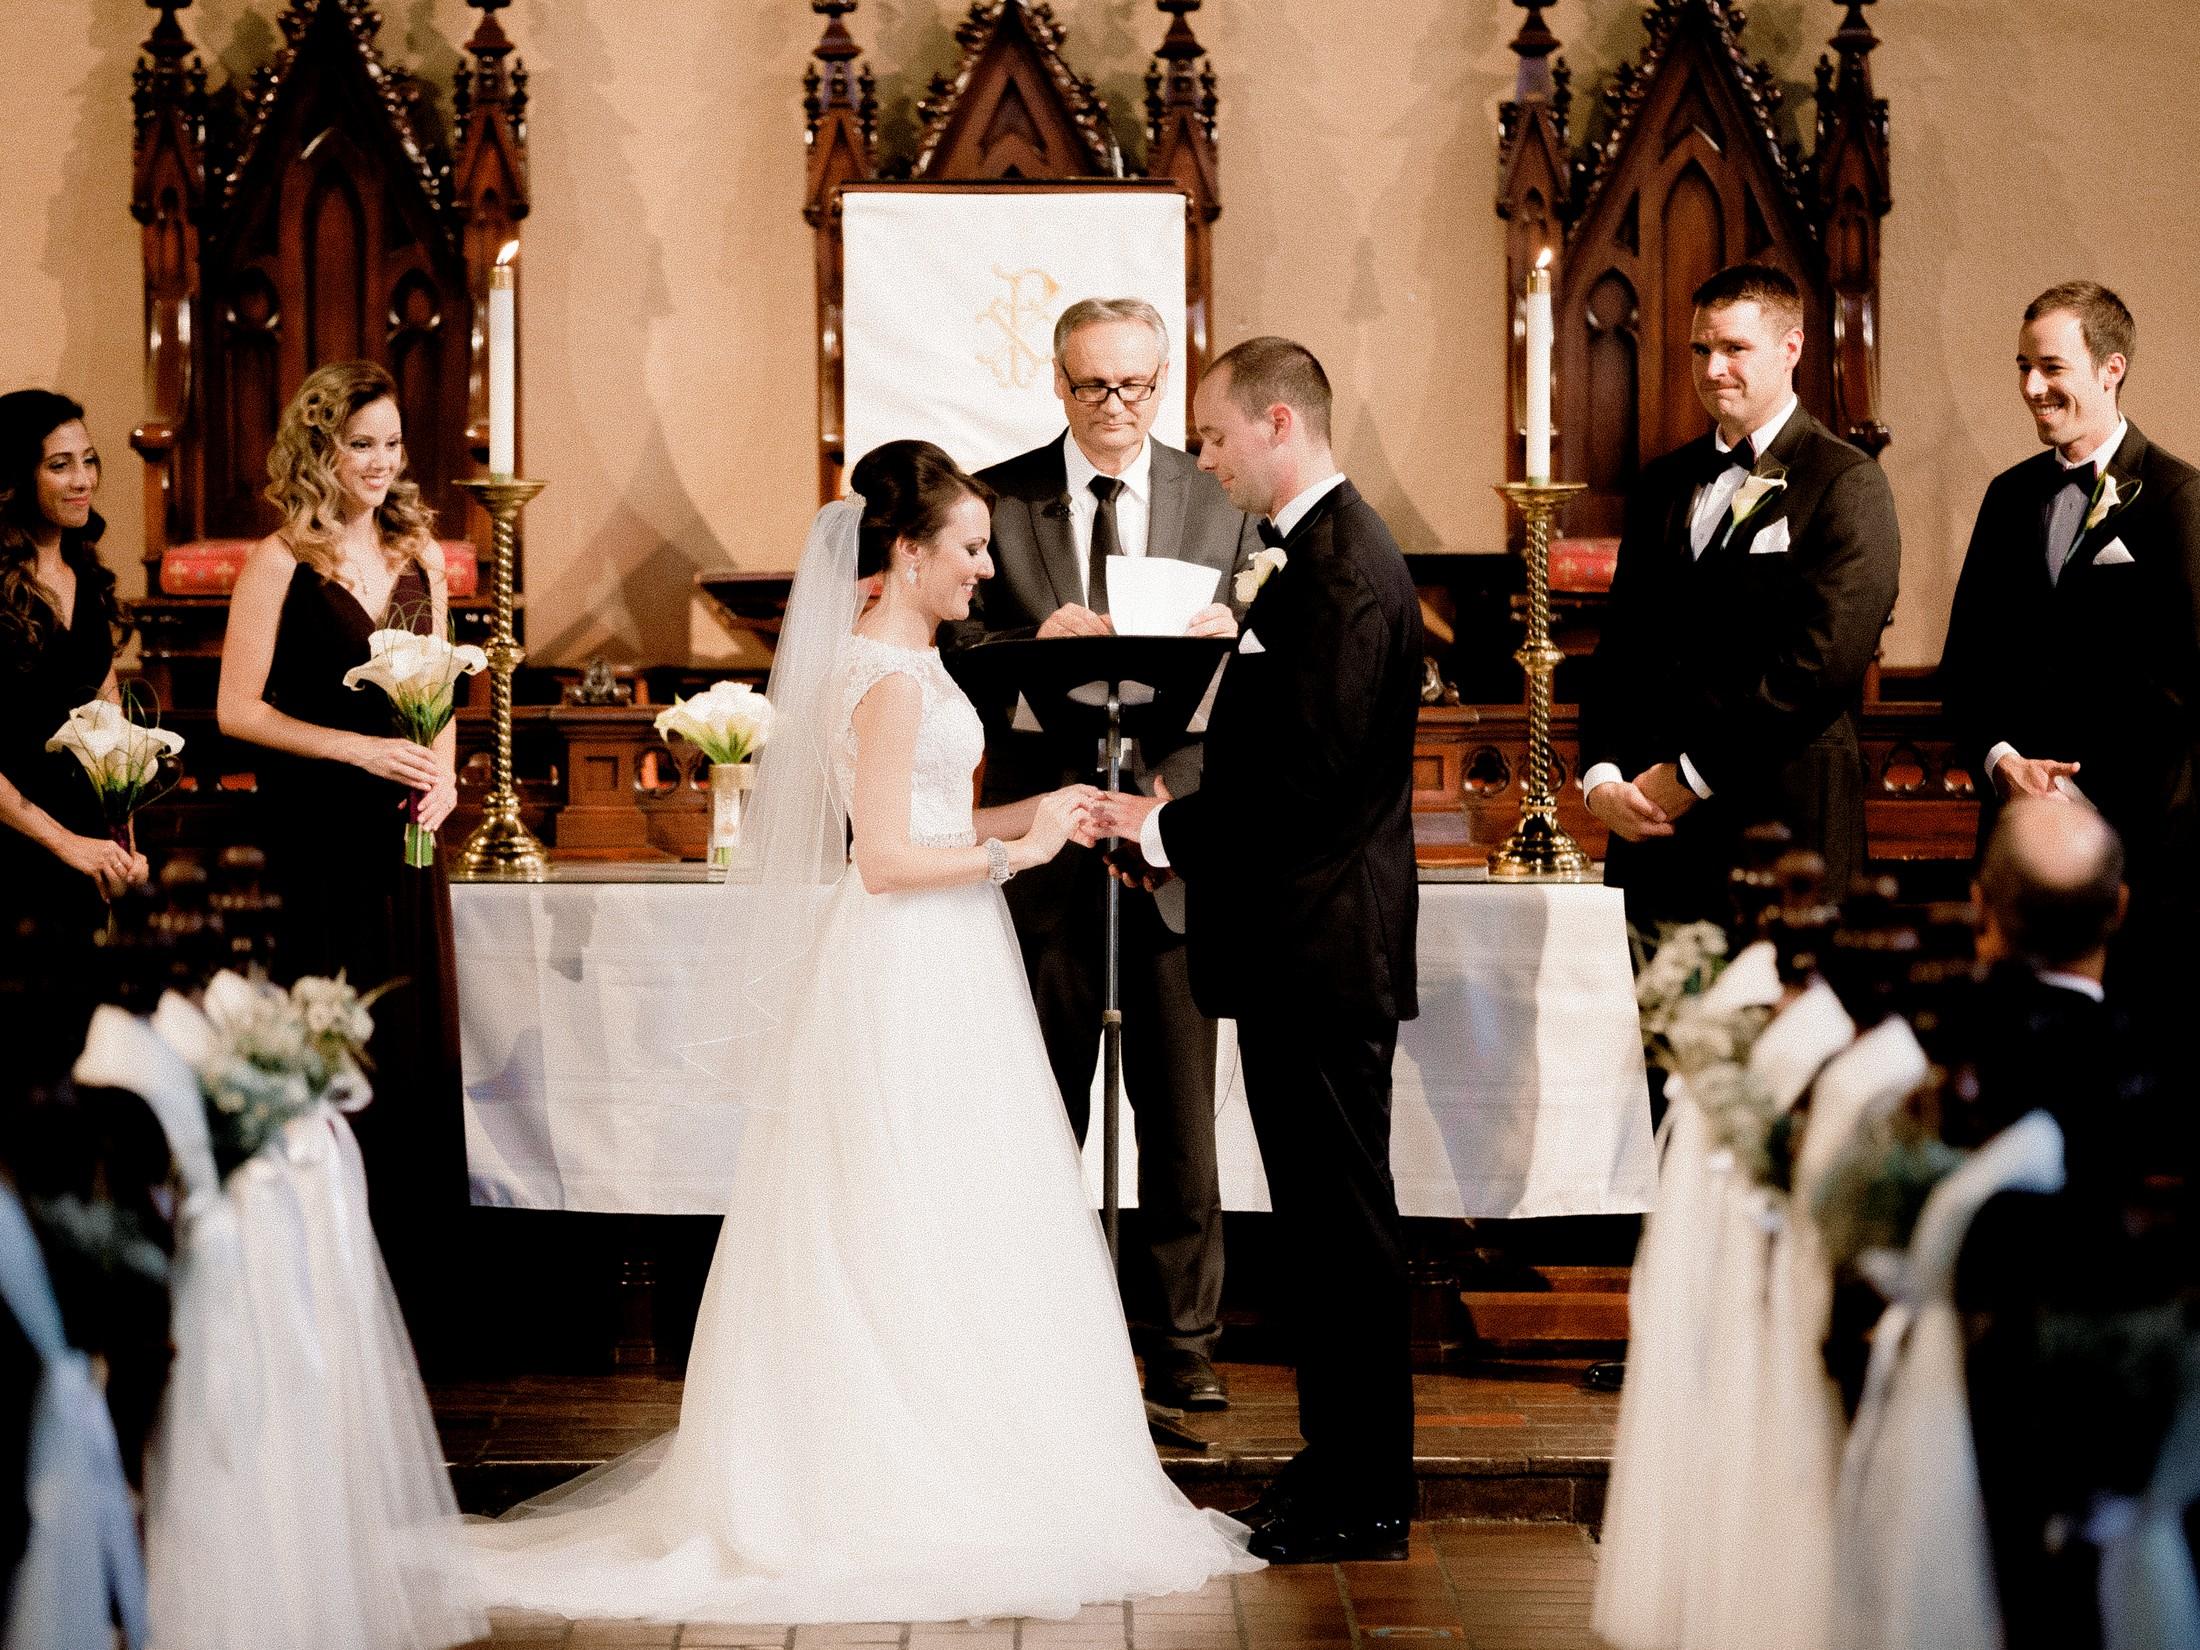 detroit_wedding_blaine_siesser_0022_std.jpg